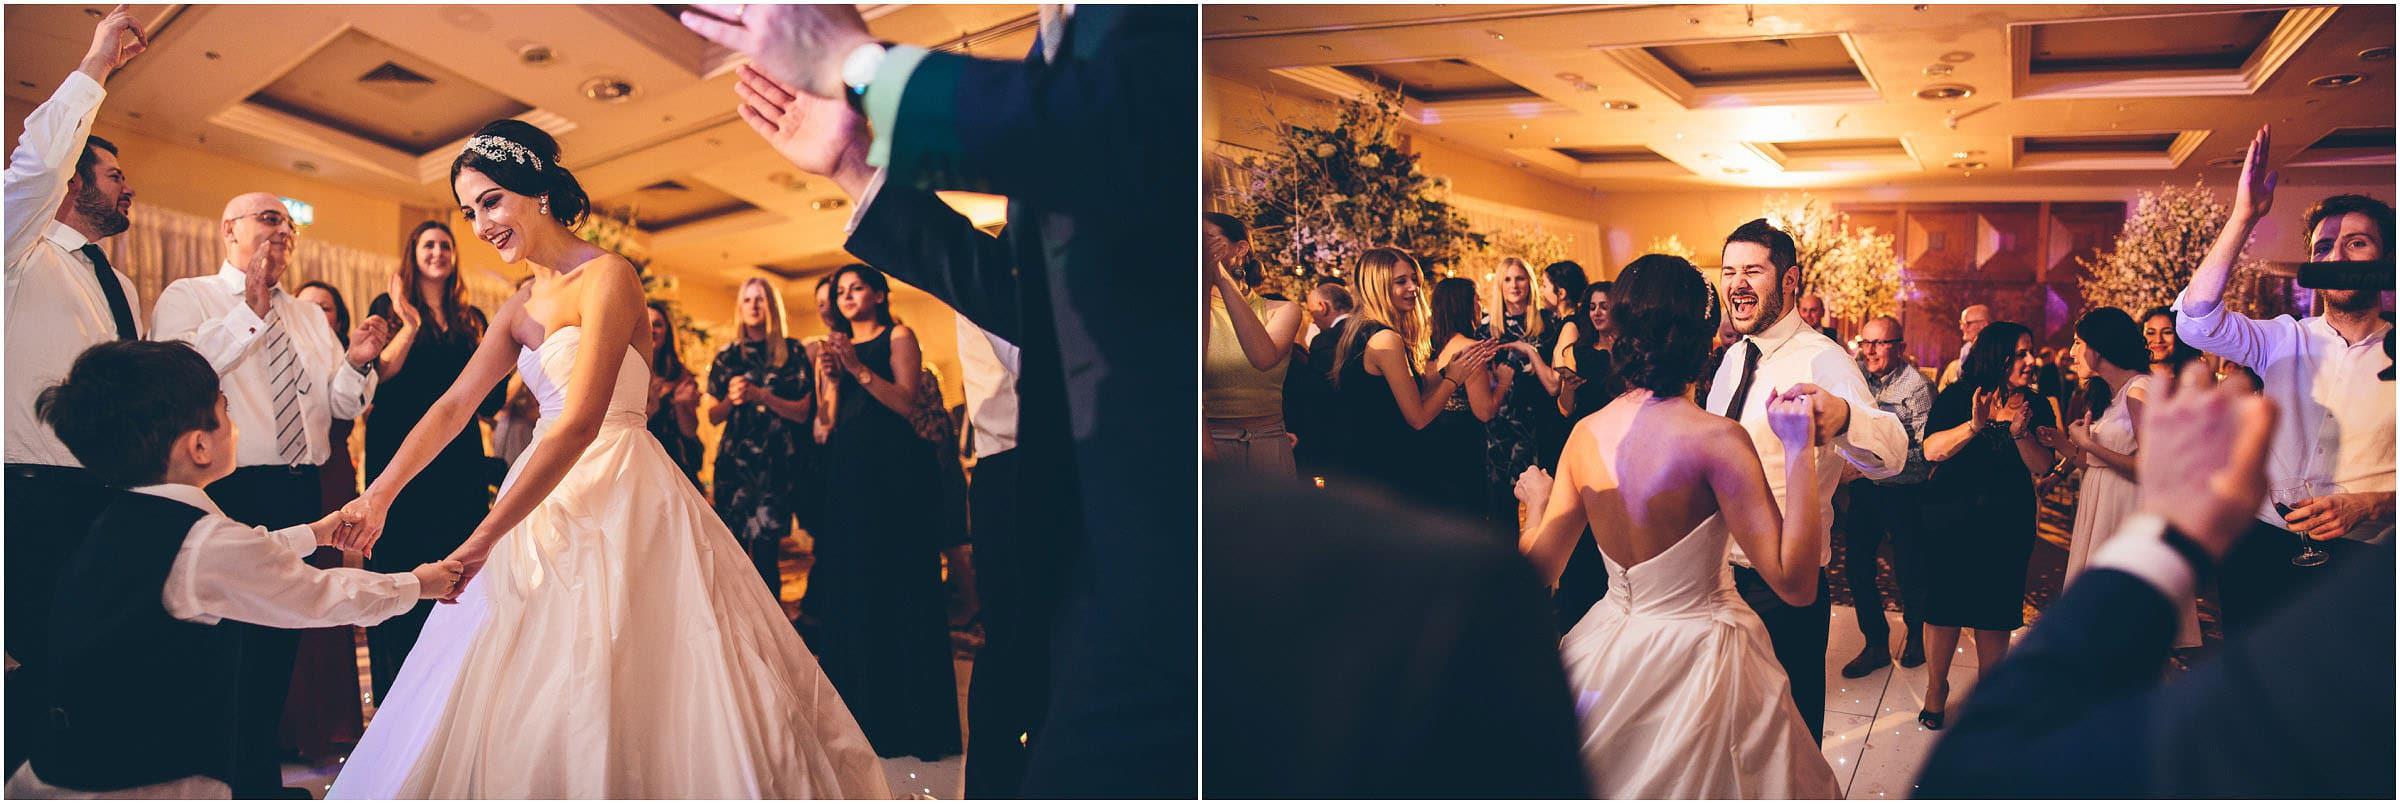 Crewe_Hall_Wedding_Photography_0137